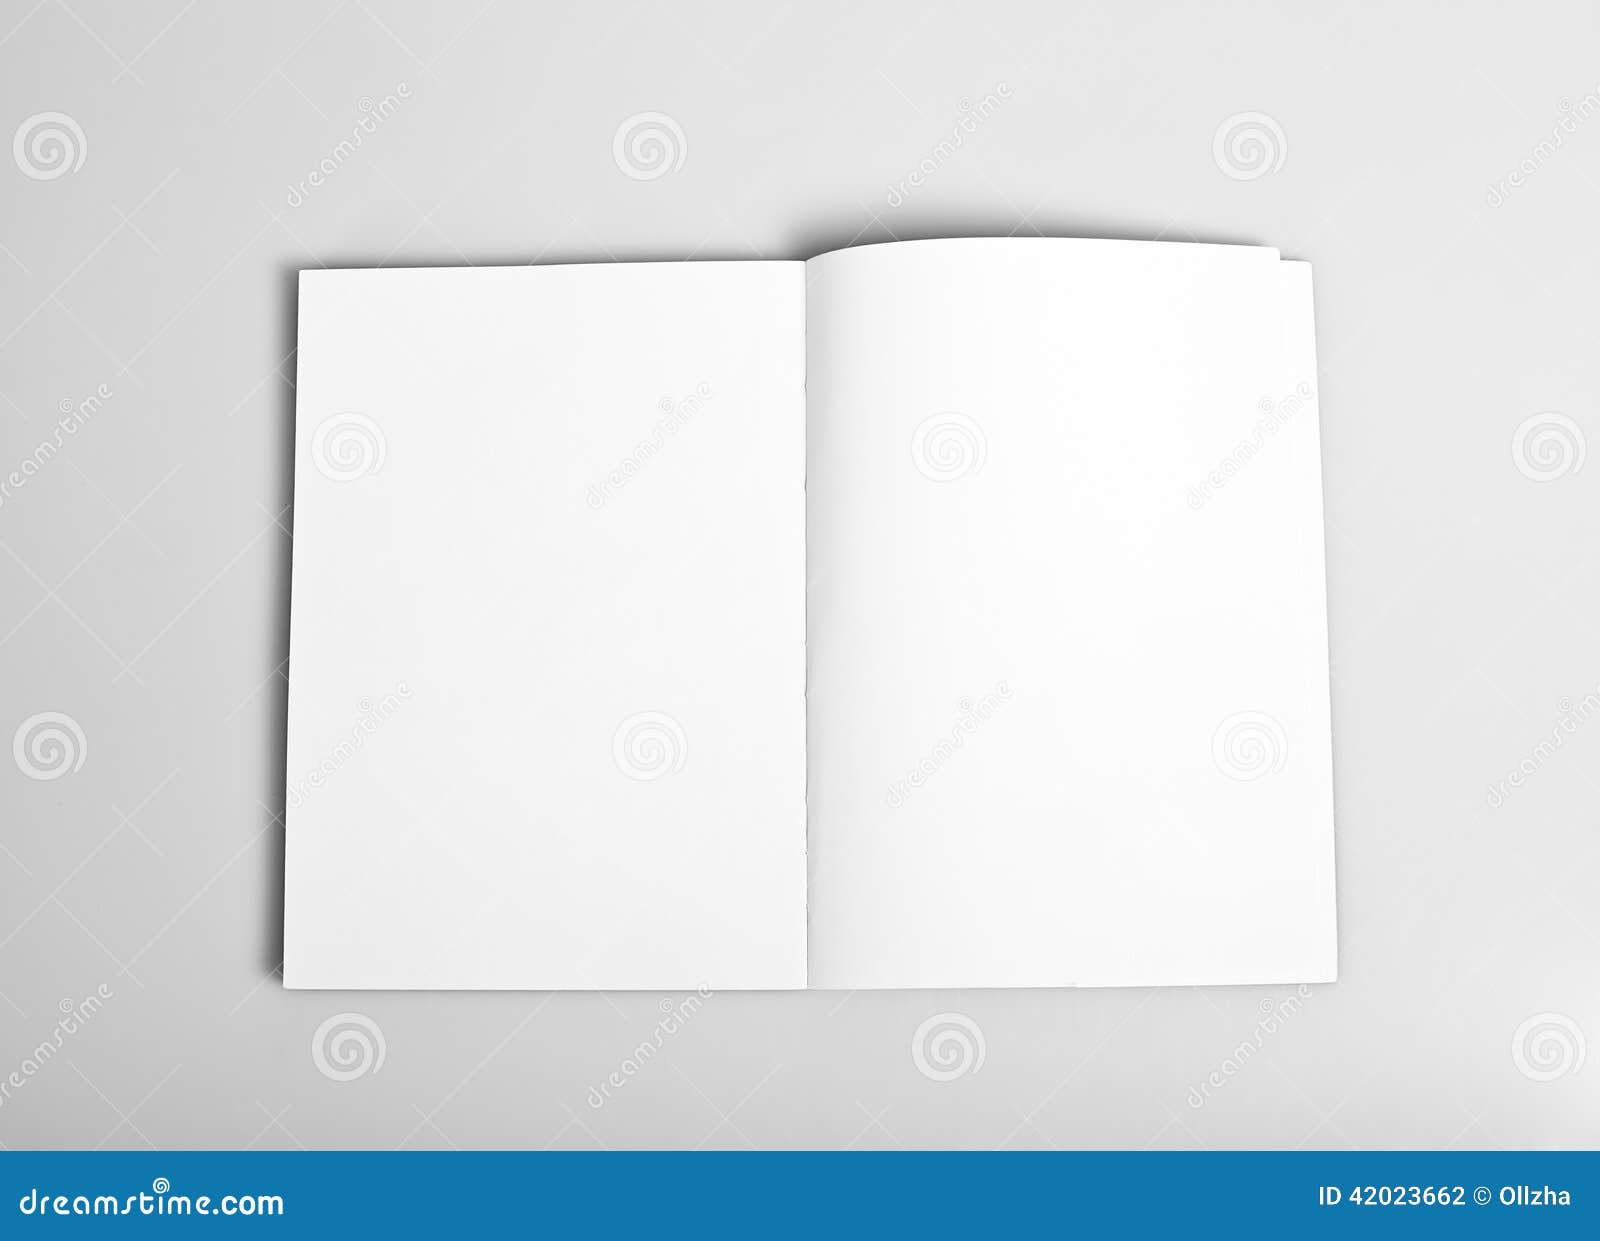 Abra o compartimento com páginas em branco